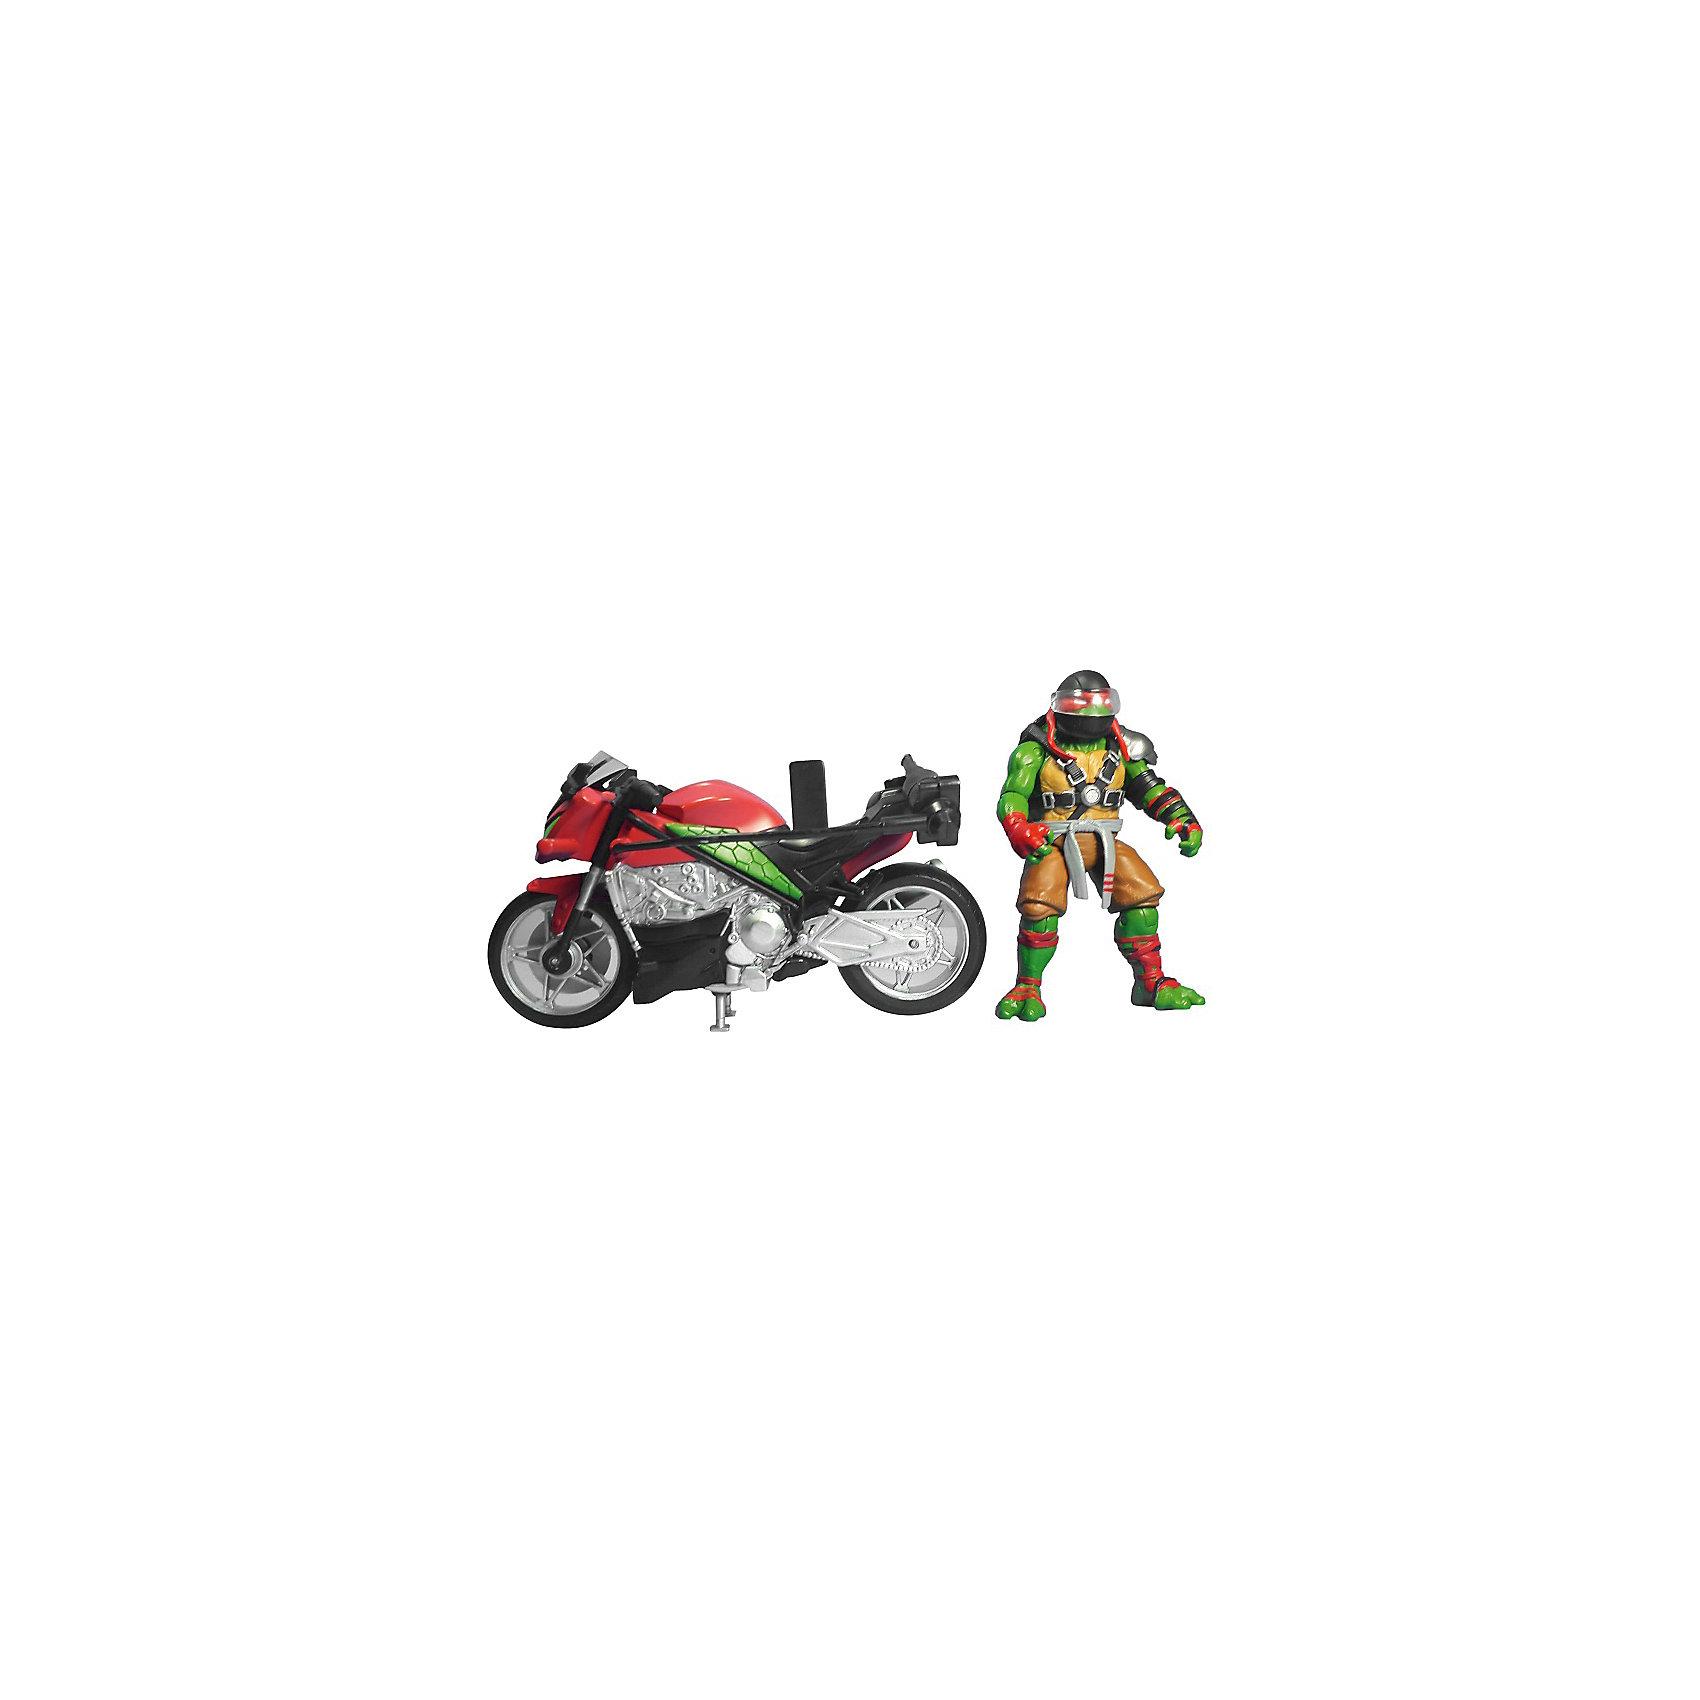 Мотоцикл с фигуркой Рафа, Черепашки НиндзяМотоцикл с фигуркой Рафа, Черепашки Ниндзя, Movie Line, станет отличным подарком для всех юных поклонников популярного мультсериала Черепашки Ниндзя. Отважные черепашки-мутанты, владеющие боевыми искусствами, переживают невероятные приключения, спасая мир от злодеев. В комплекте Вы найдете мотоцикл, фигурку Рафа и его оружие. Суперскоростной мотоцикл выполнен с высокой степенью детализации и обладает секретом - при нажатии на кнопку фигурка Рафа совершает кувырок в воздухе. Рафаэль - самый агрессивный и решительный из братьев черепашек, он всегда предпочитает действовать. Фигурка Рафа раскрашена в соответствии с экранным образом героя, руки и ноги подвижные, в кисти рук можно вложить оружие - два кинжала саи. <br><br>Дополнительная информация:<br><br>- В комплекте: мотоцикл, фигурка Рафа, оружие.<br>- Материал: пластик.<br>- Высота фигурки: 11 см.<br>- Размер упаковки: 32,5 x 19,4 x 10,5 см.  <br>- Вес: 0,638 кг. <br><br>Мотоцикл с фигуркой Рафа, Черепашки Ниндзя, Movie Line, можно купить в нашем интернет-магазине.<br><br>Ширина мм: 325<br>Глубина мм: 194<br>Высота мм: 105<br>Вес г: 638<br>Возраст от месяцев: 36<br>Возраст до месяцев: 144<br>Пол: Мужской<br>Возраст: Детский<br>SKU: 4657957